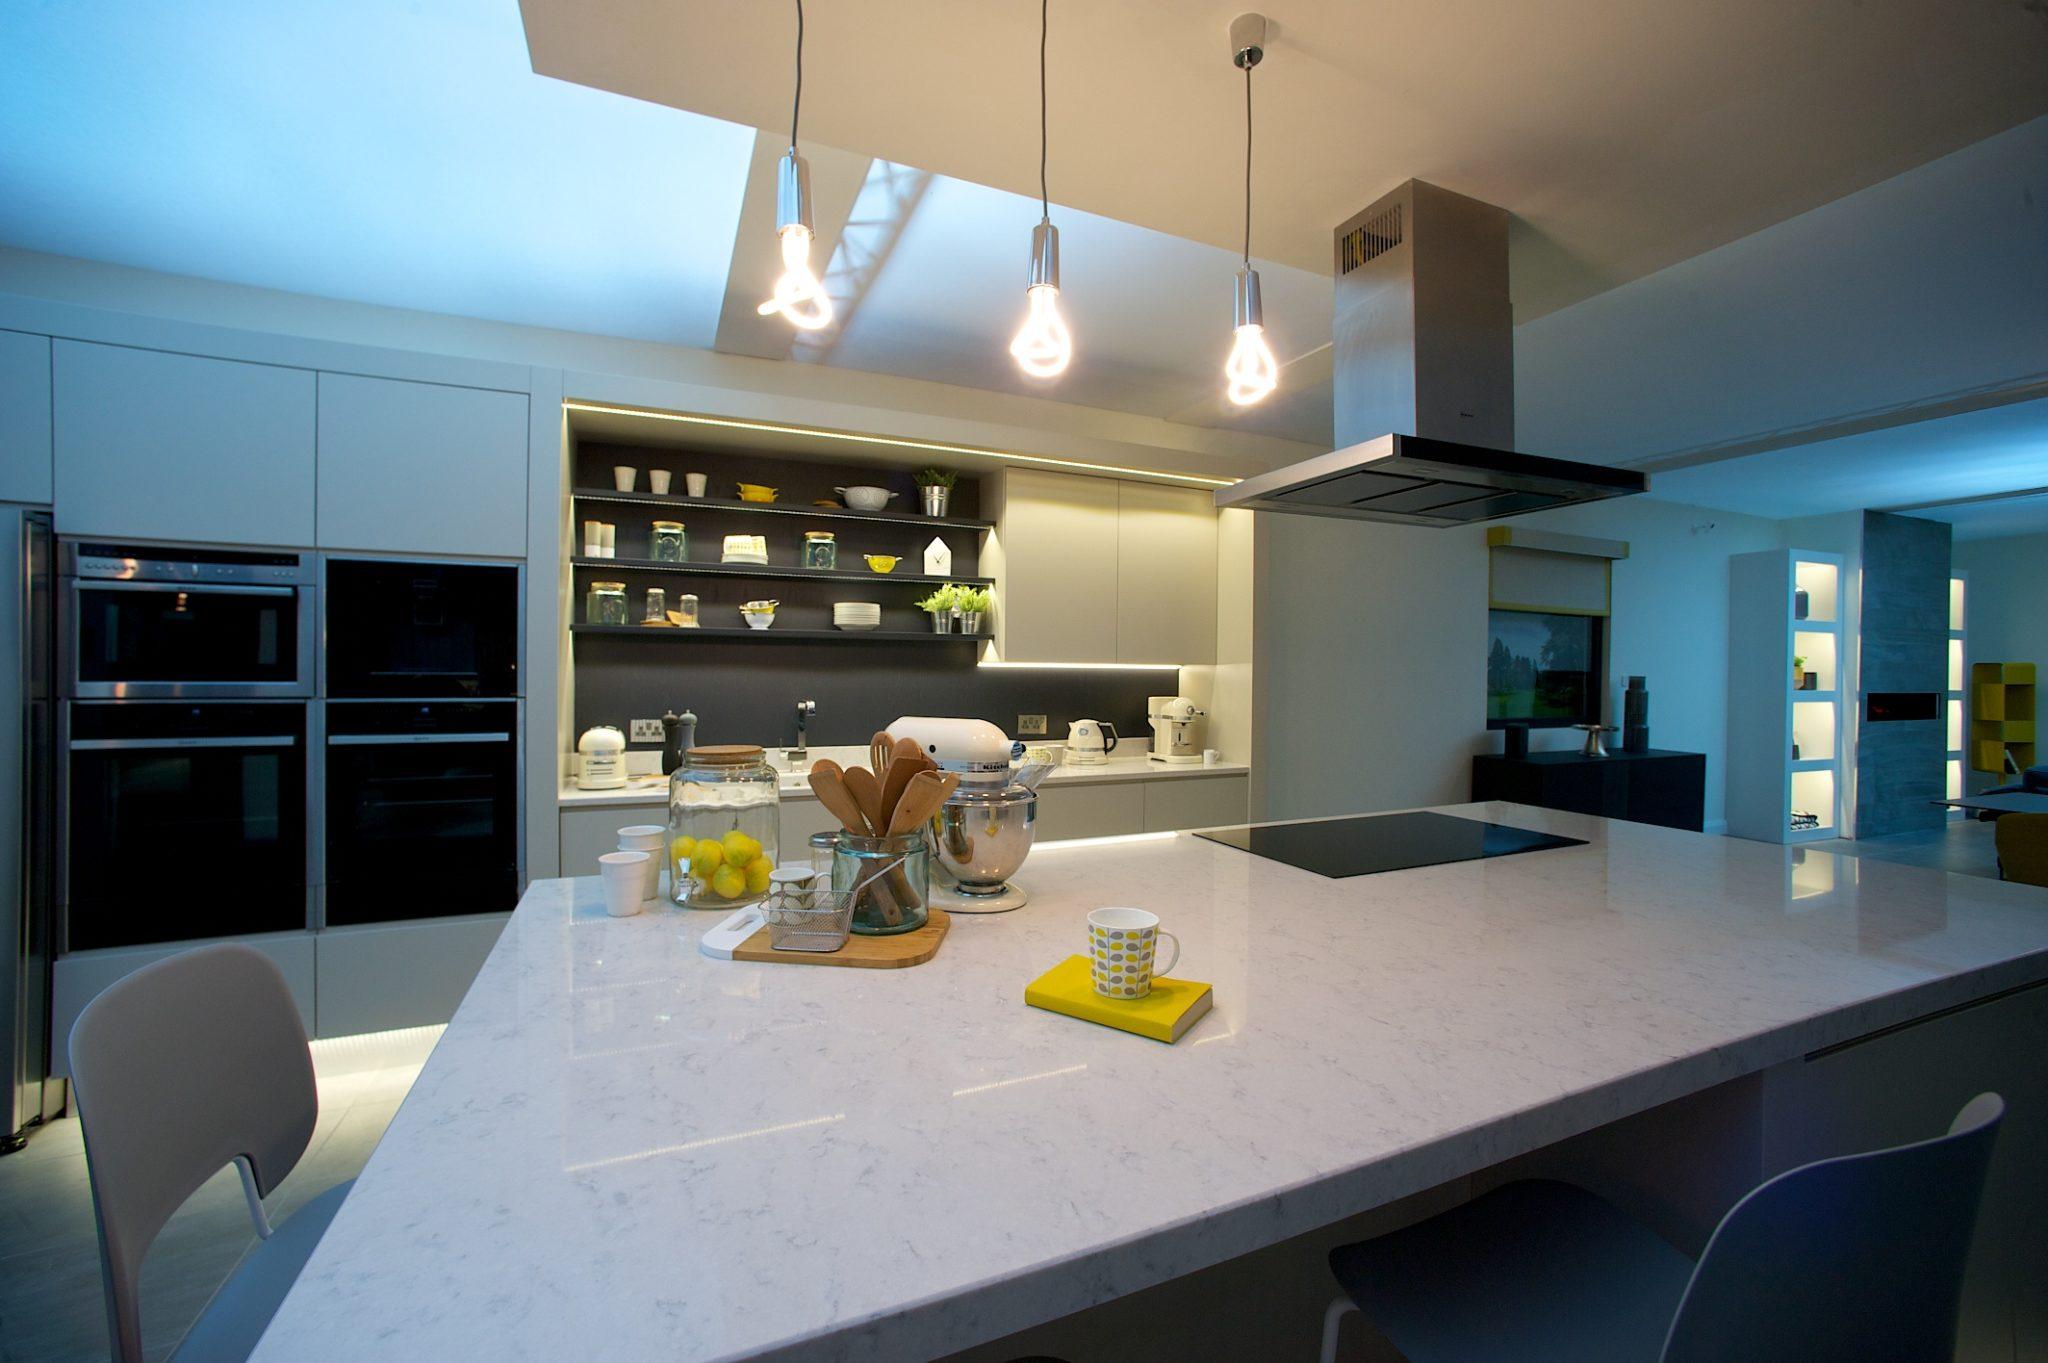 comment d marrer une maison connect e pour 200 euros. Black Bedroom Furniture Sets. Home Design Ideas